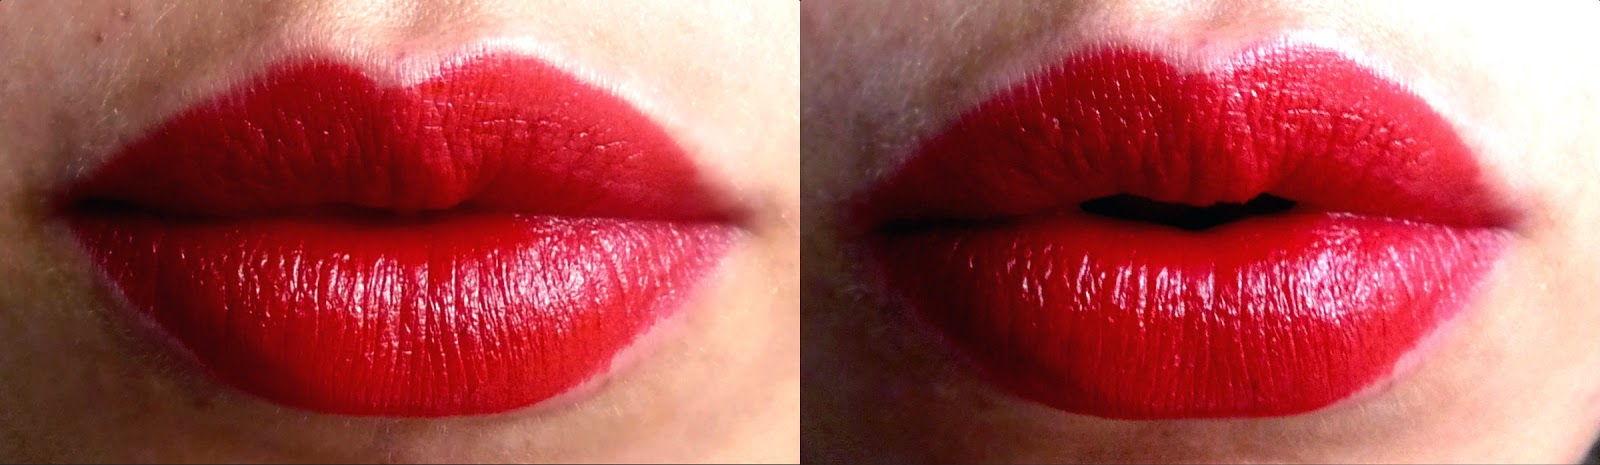 red lips lipstick rimmel london kate moss glamorous lips glamour classic youwishyou